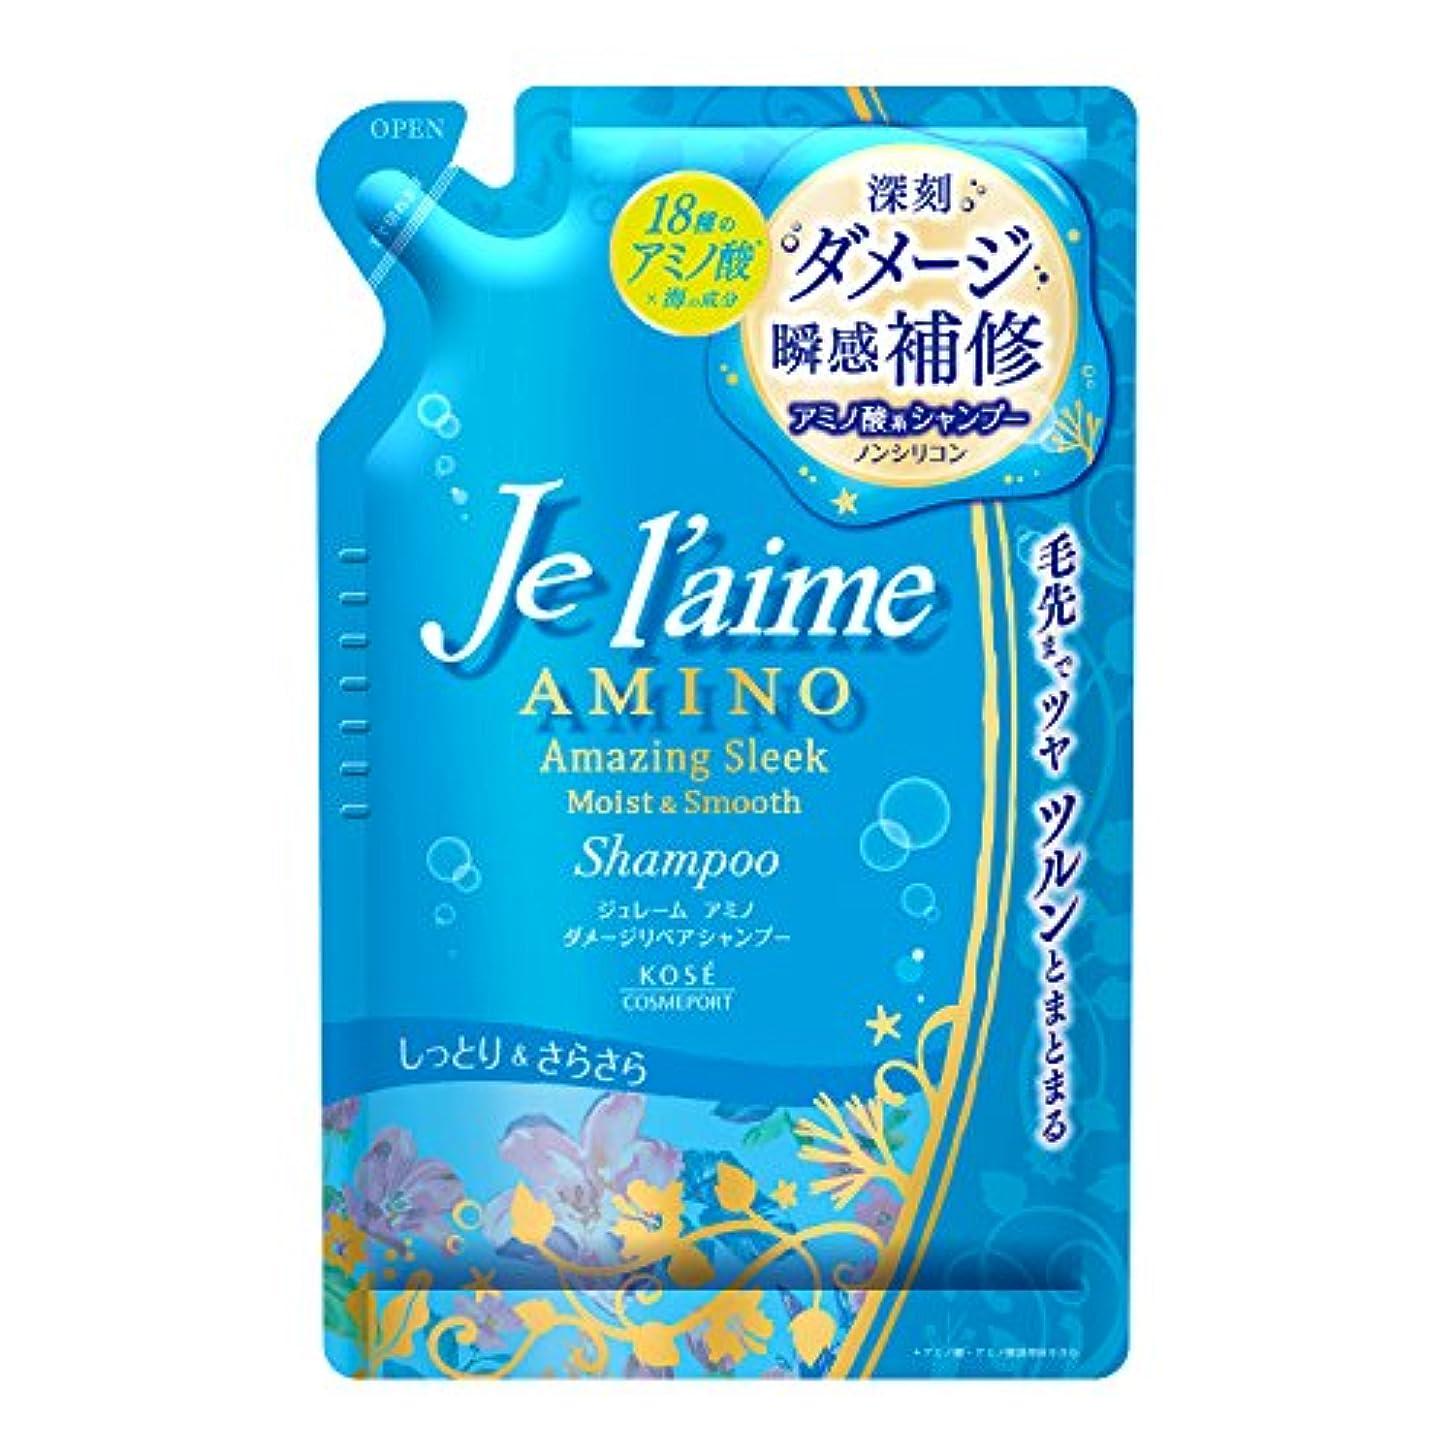 ツールカウント熟考するKOSE コーセー ジュレーム アミノ ダメージ リペア シャンプー ノンシリコン アミノ酸 配合 (モイスト & スムース) つめかえ 400ml